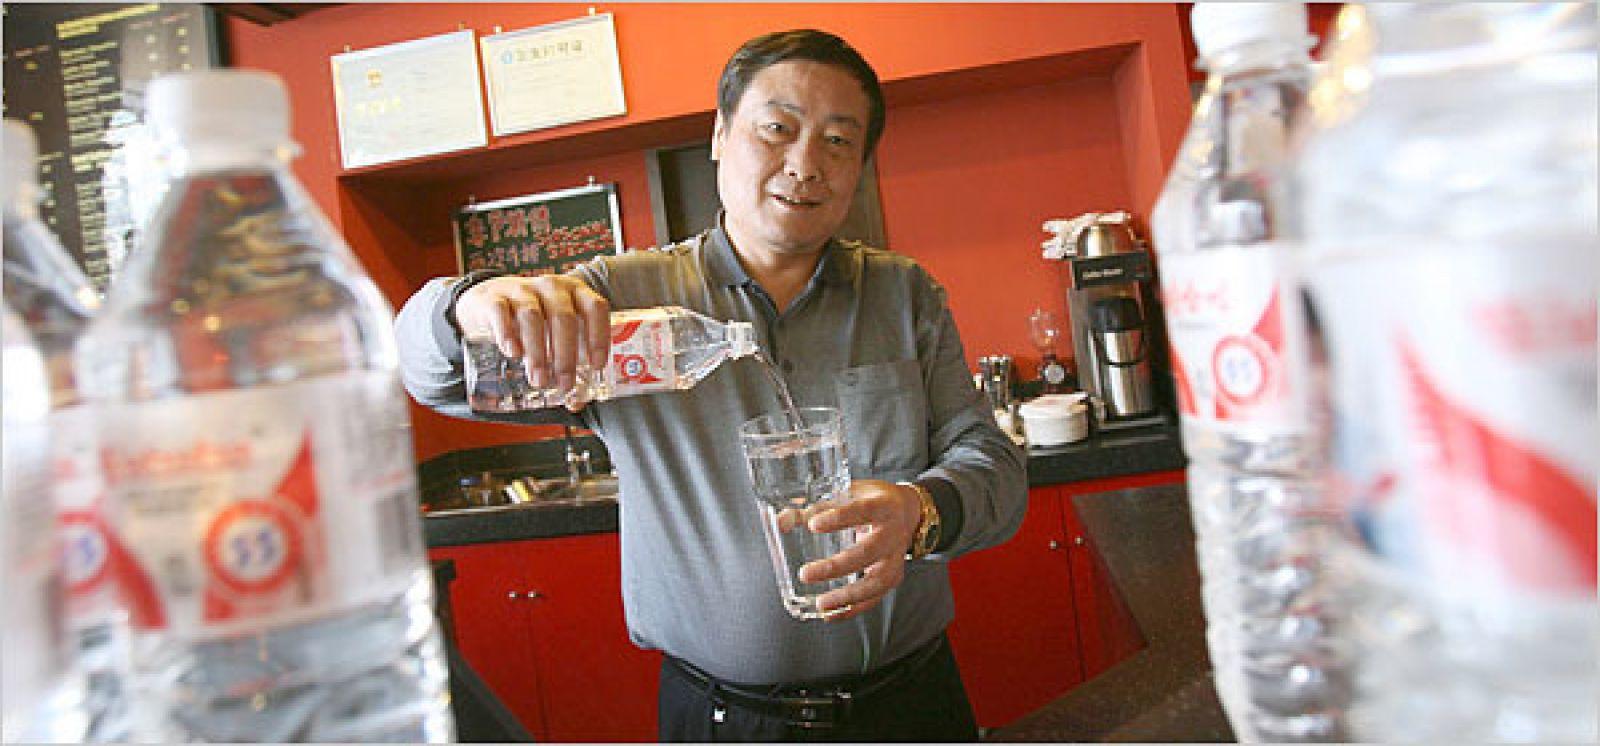 'Vua đồ uống' Tông Khánh Hậu: Nửa đời nghèo khó, khởi nghiệp năm 42 tuổi, 3 lần trở thành người giàu nhất Trung Quốc nhờ làm 1 điều duy nhất suốt 32 năm qua - Ảnh 4.